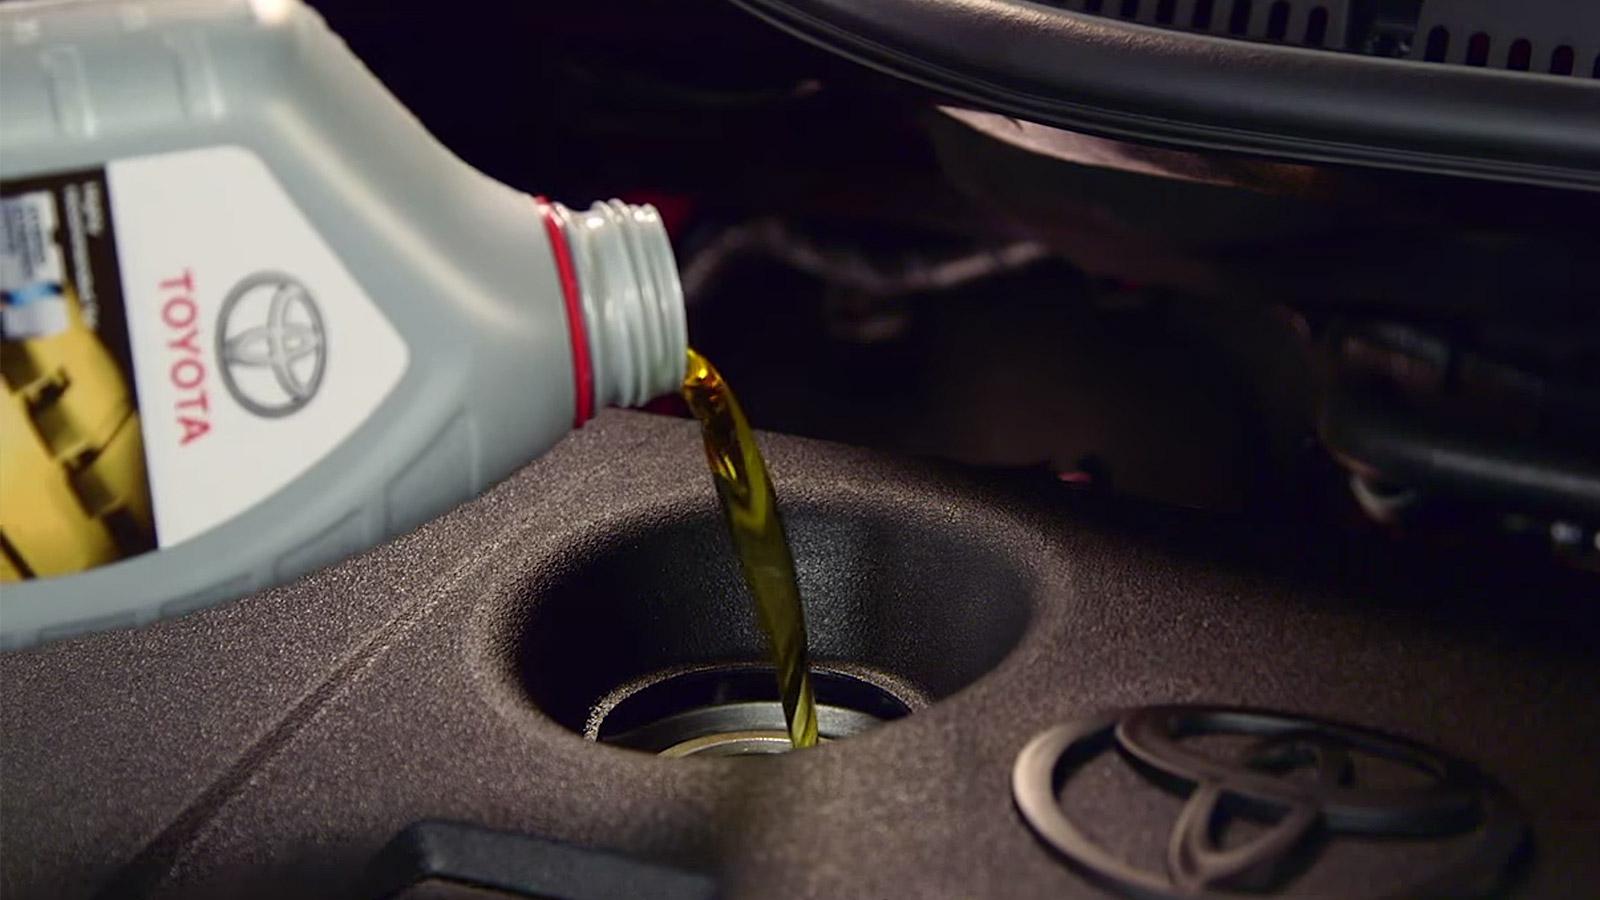 #A28329 Bedst Toyota Gør Det Selv Videoer Få Tips Til Vedligehold Her Gør Det Selv Service Bil 6033 16009006033